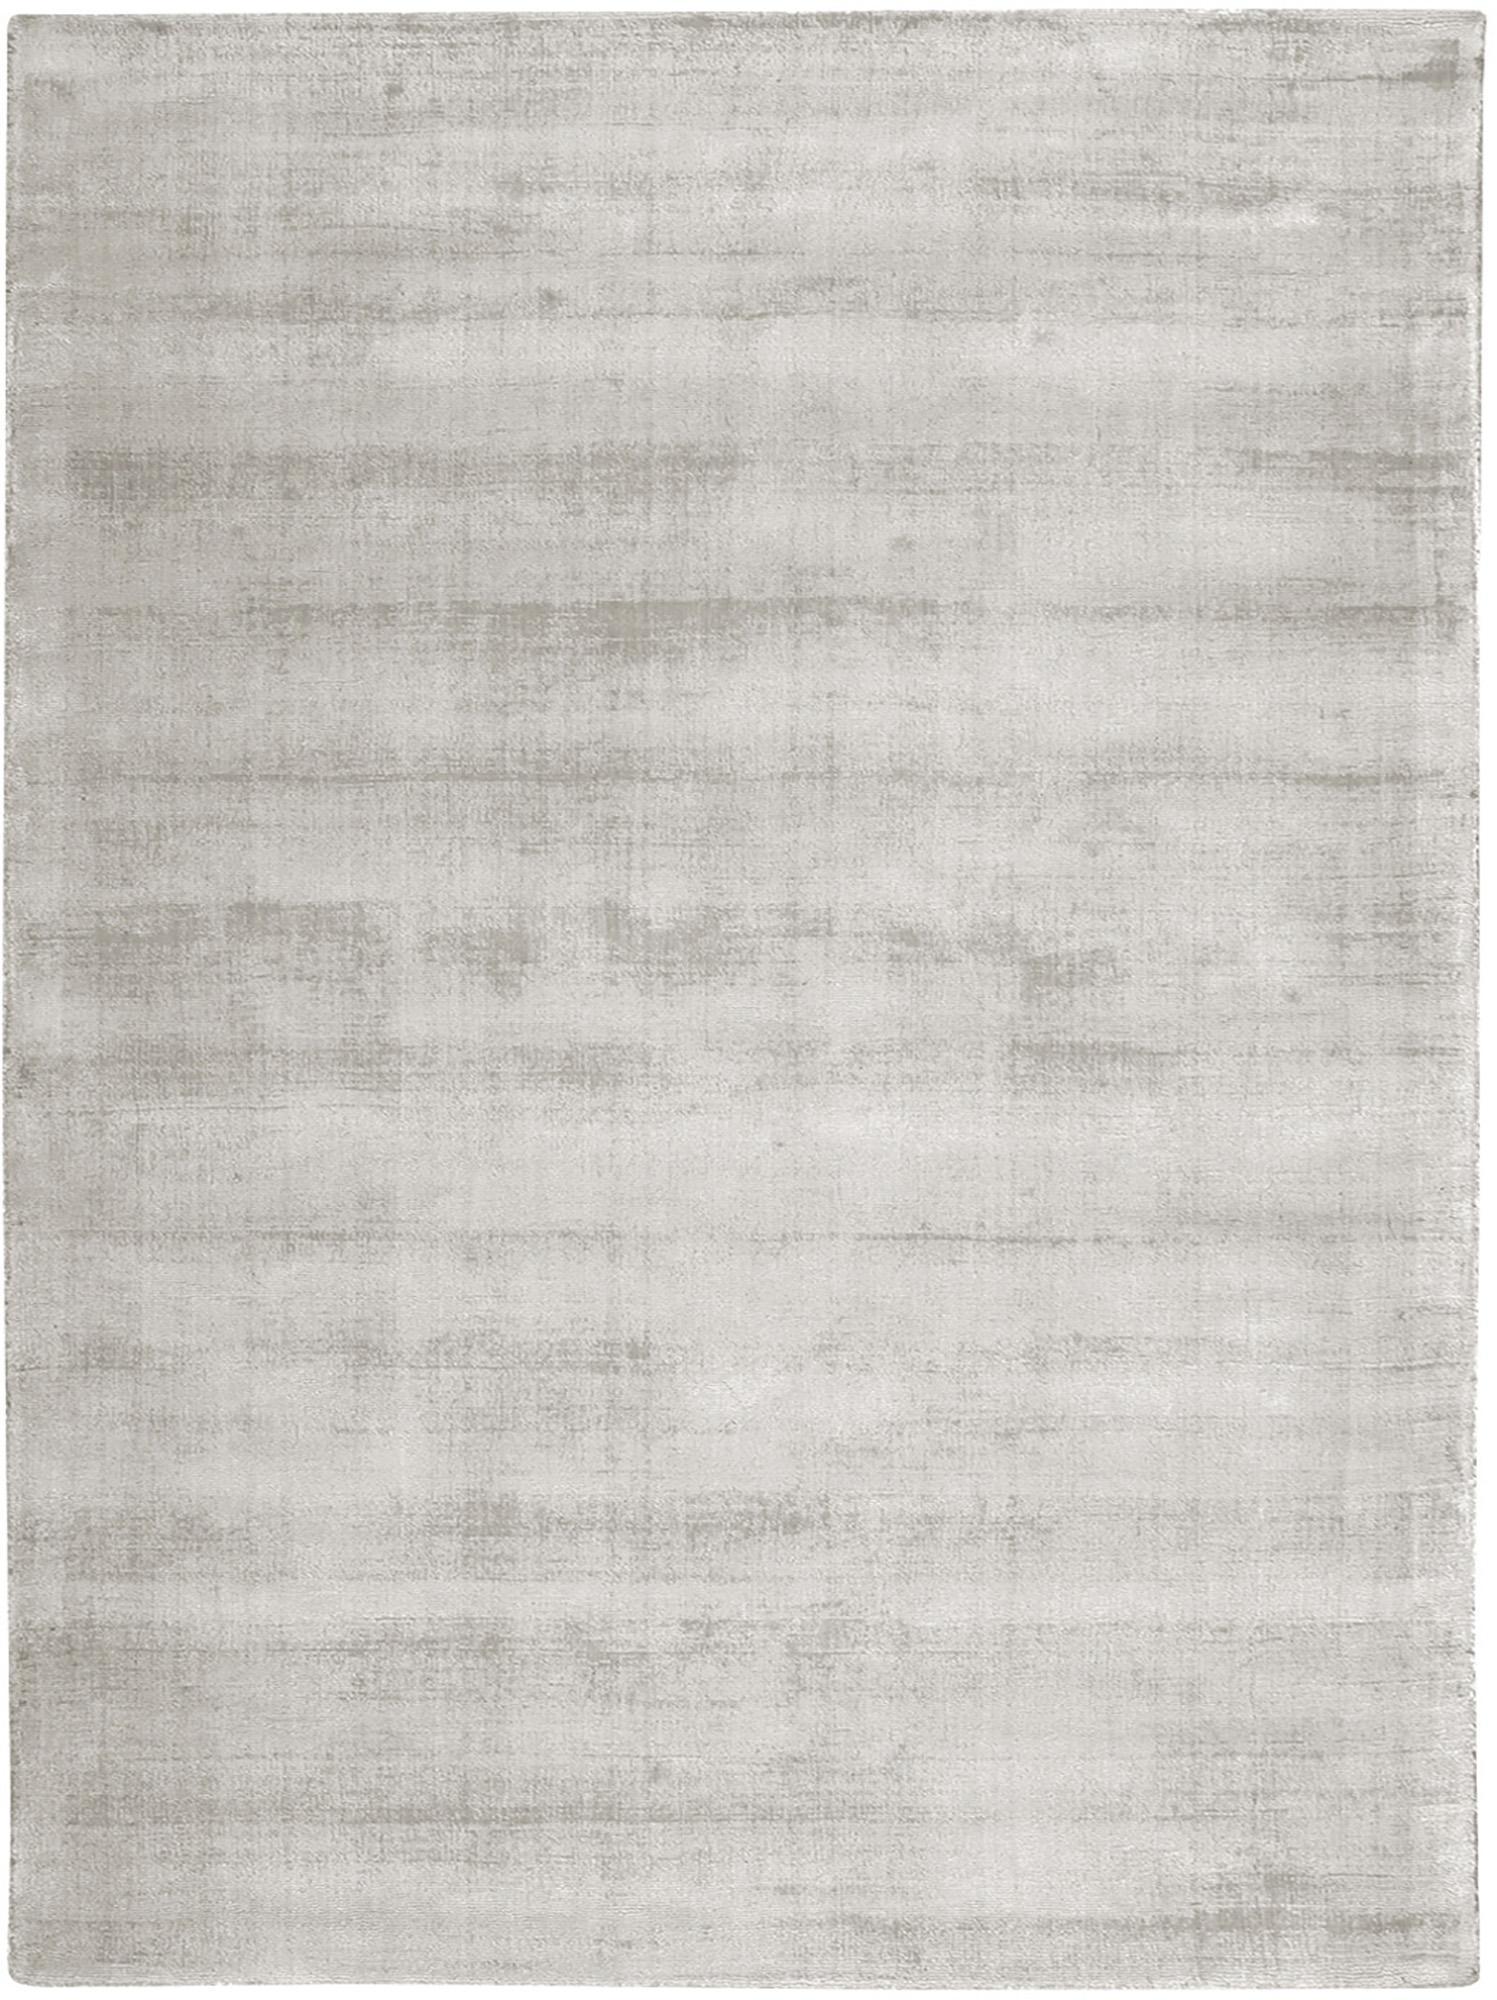 Alfombra artesanal de viscosa Jane, Parte superior: 100%viscosa, Reverso: 100%algodón, Gris claro, beige, An 300 x L 400 cm (Tamaño XL)